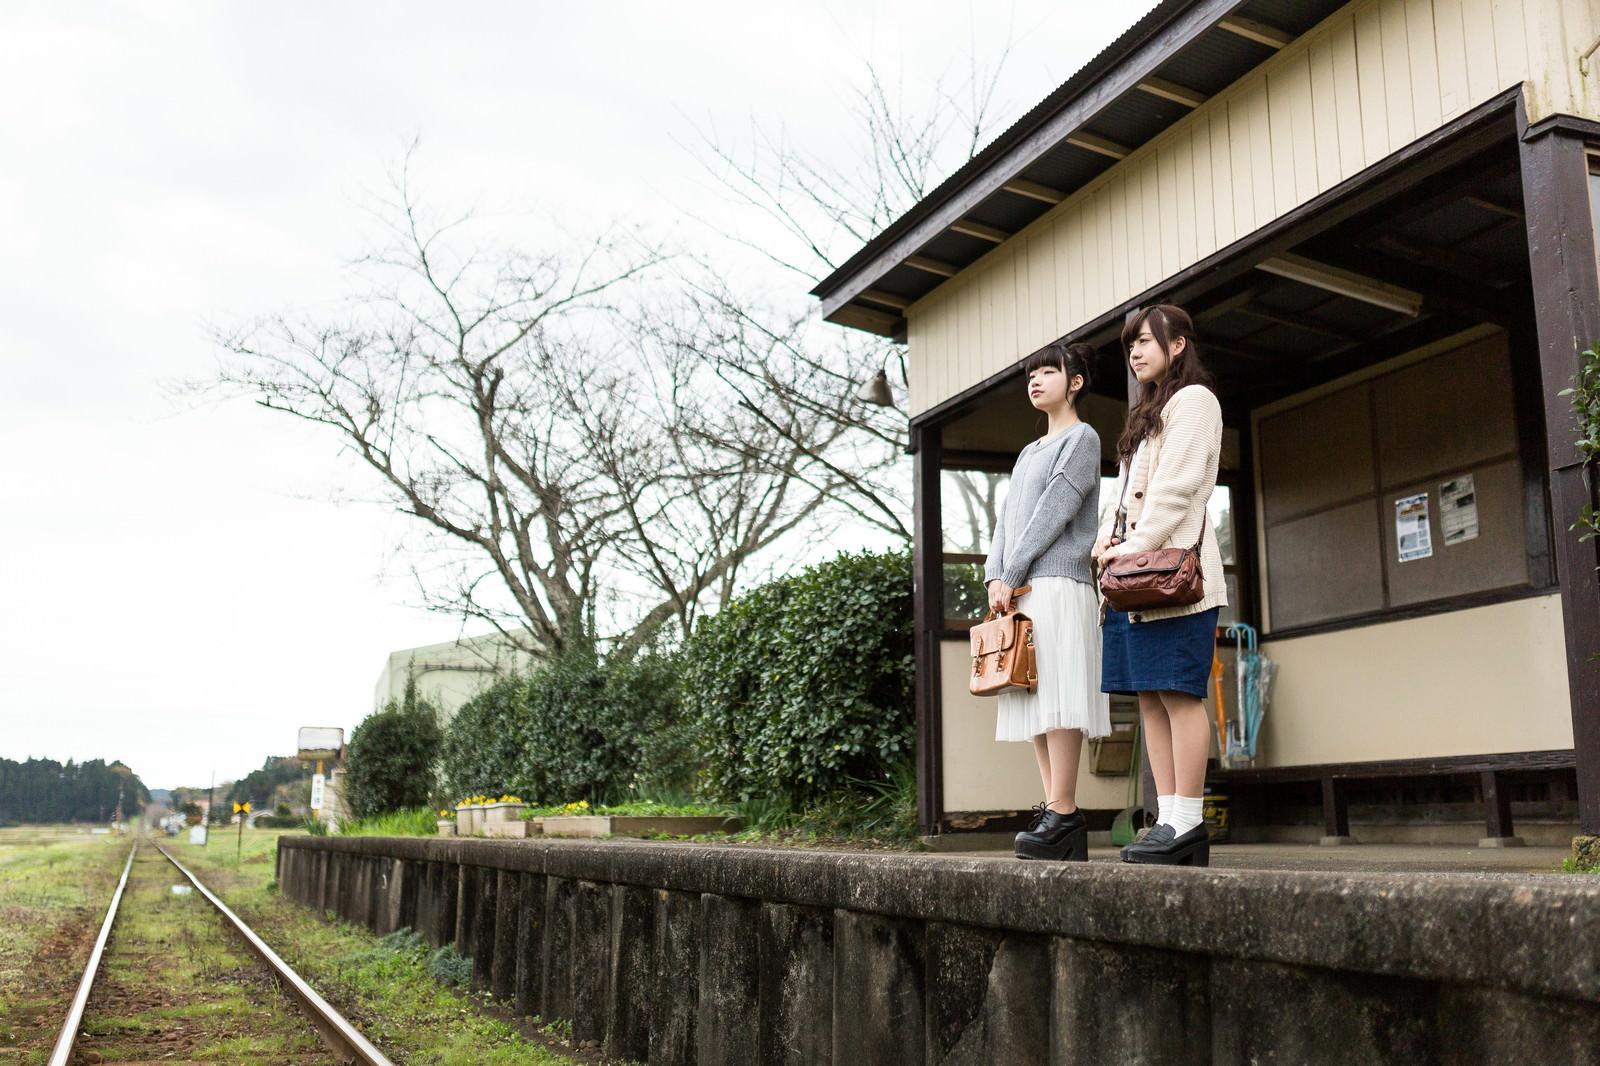 「無人駅で電車を待つ女性」の写真[モデル:河村友歌 渡辺友美子]